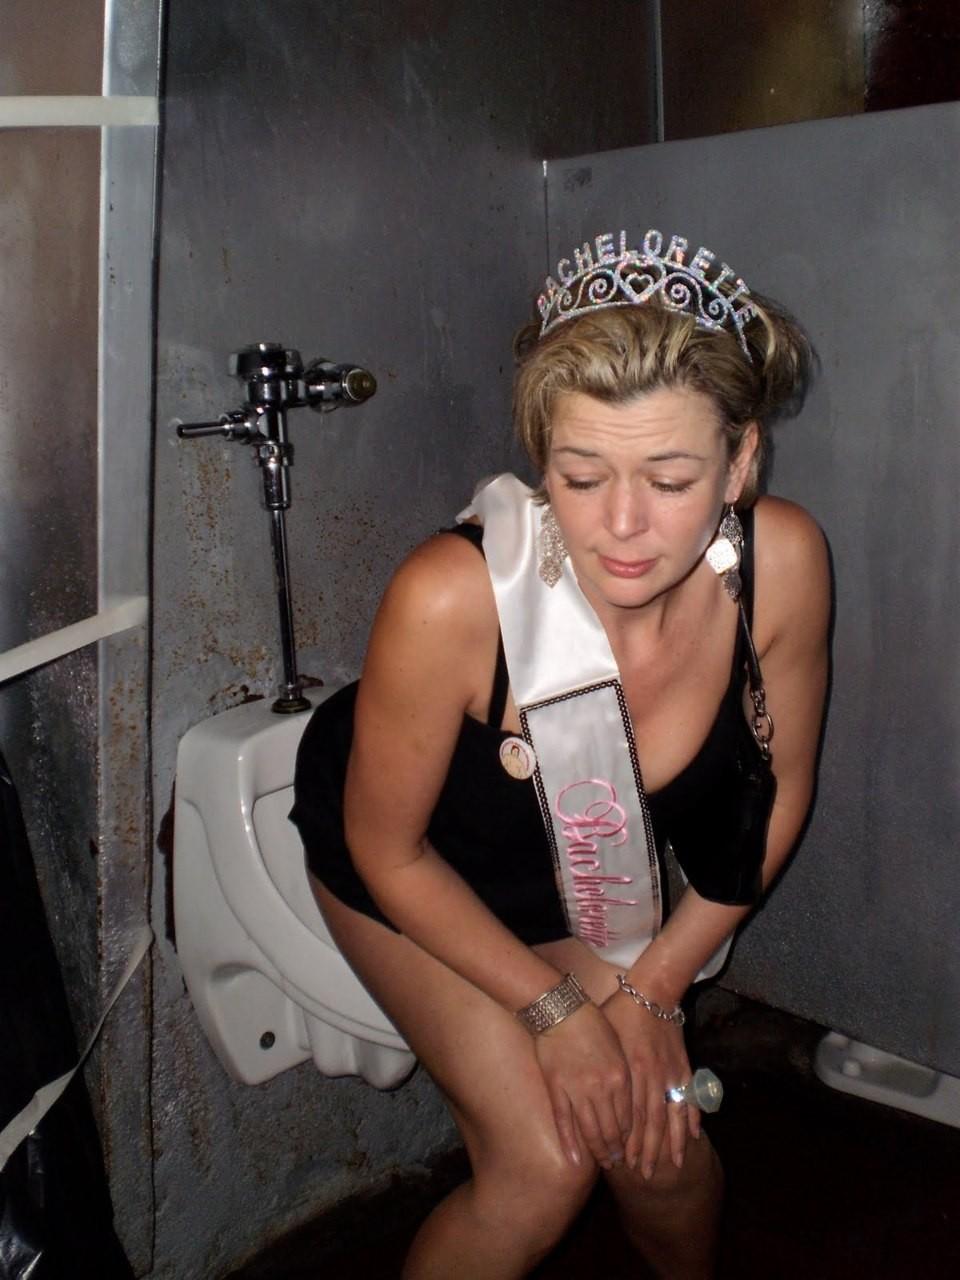 【エロ画像】泥酔まんさん、男子トイレで立ちしょんしてるところを撮られるwwwwwwwwwwwwww・19枚目